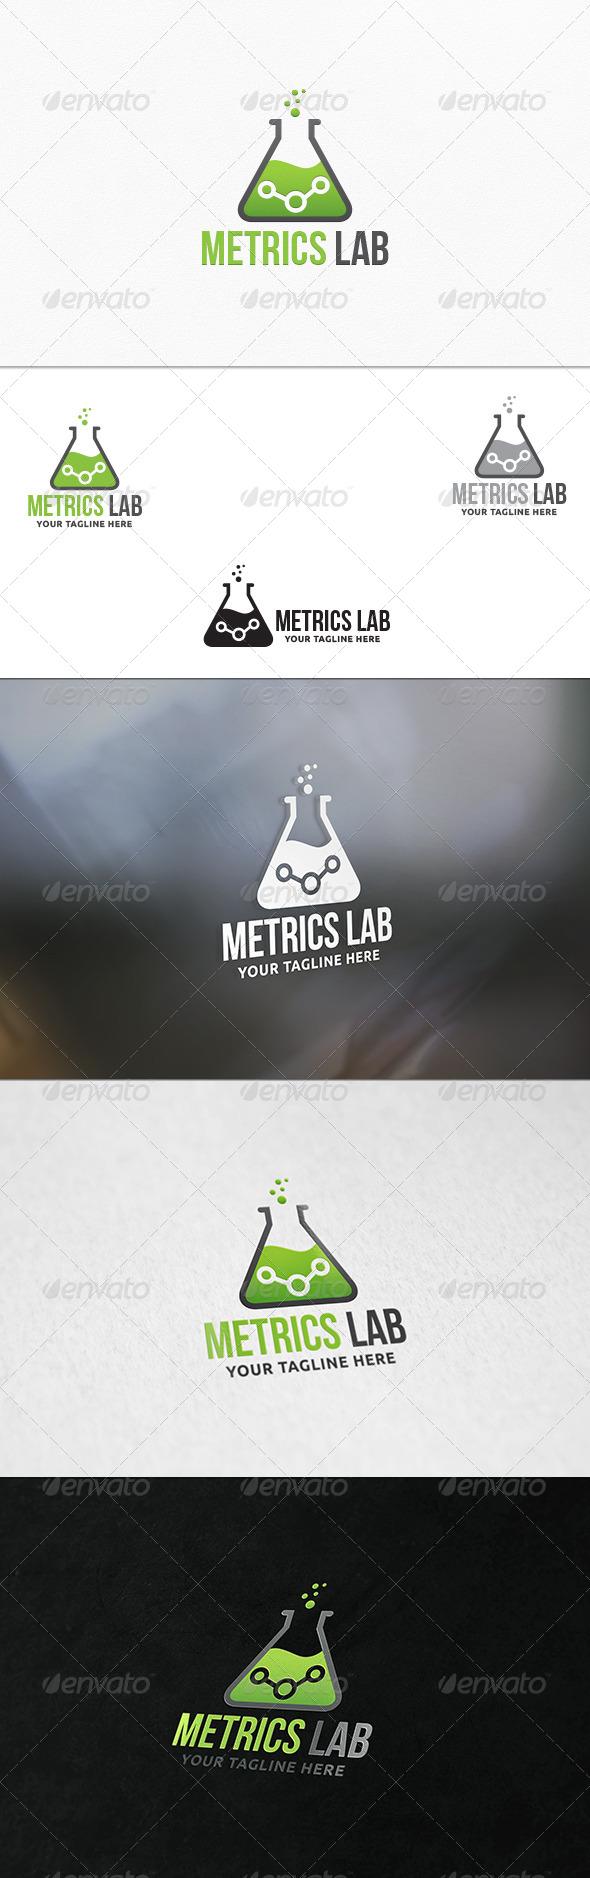 GraphicRiver Metrics Lab V2 Logo Template 7591470